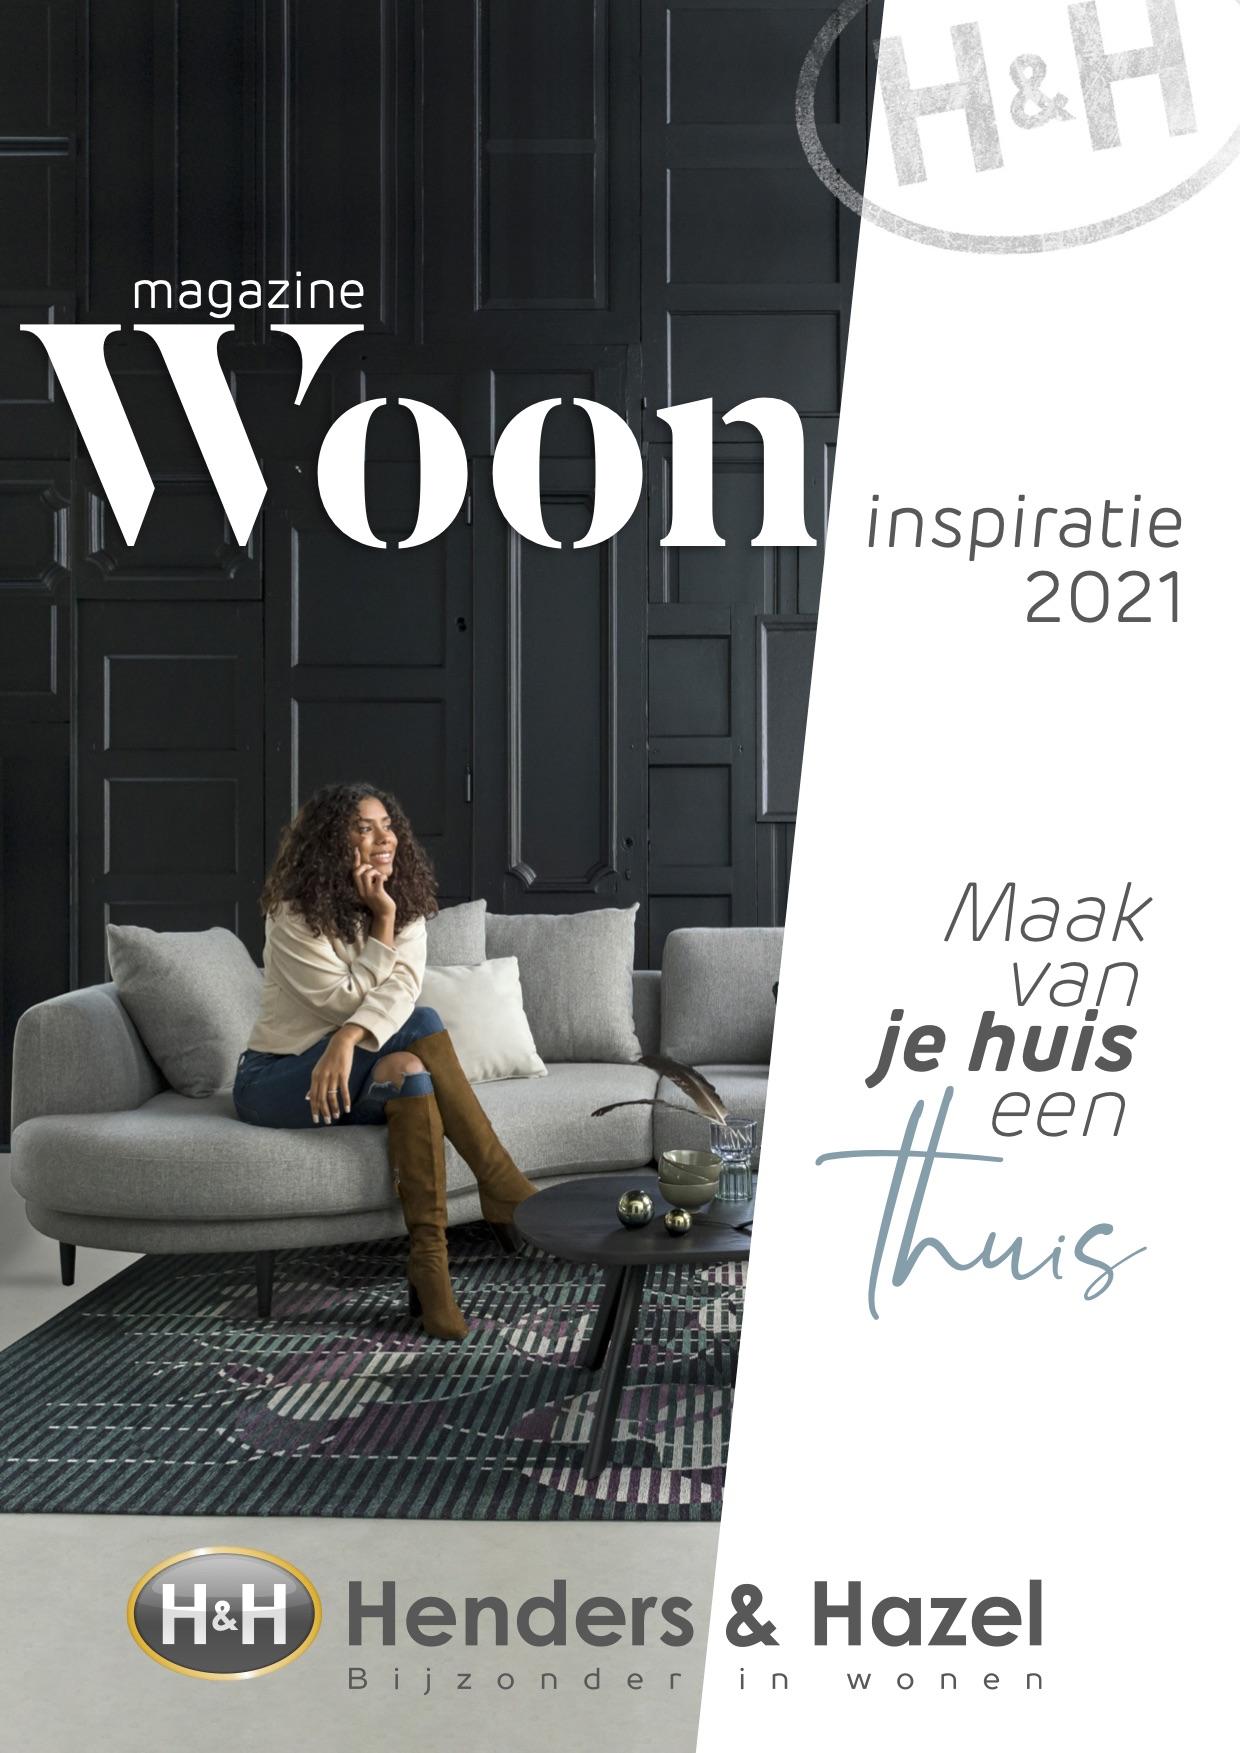 Henders Hazel magazine wooninspiratie #hendershazel #magazine #wooninspiratie